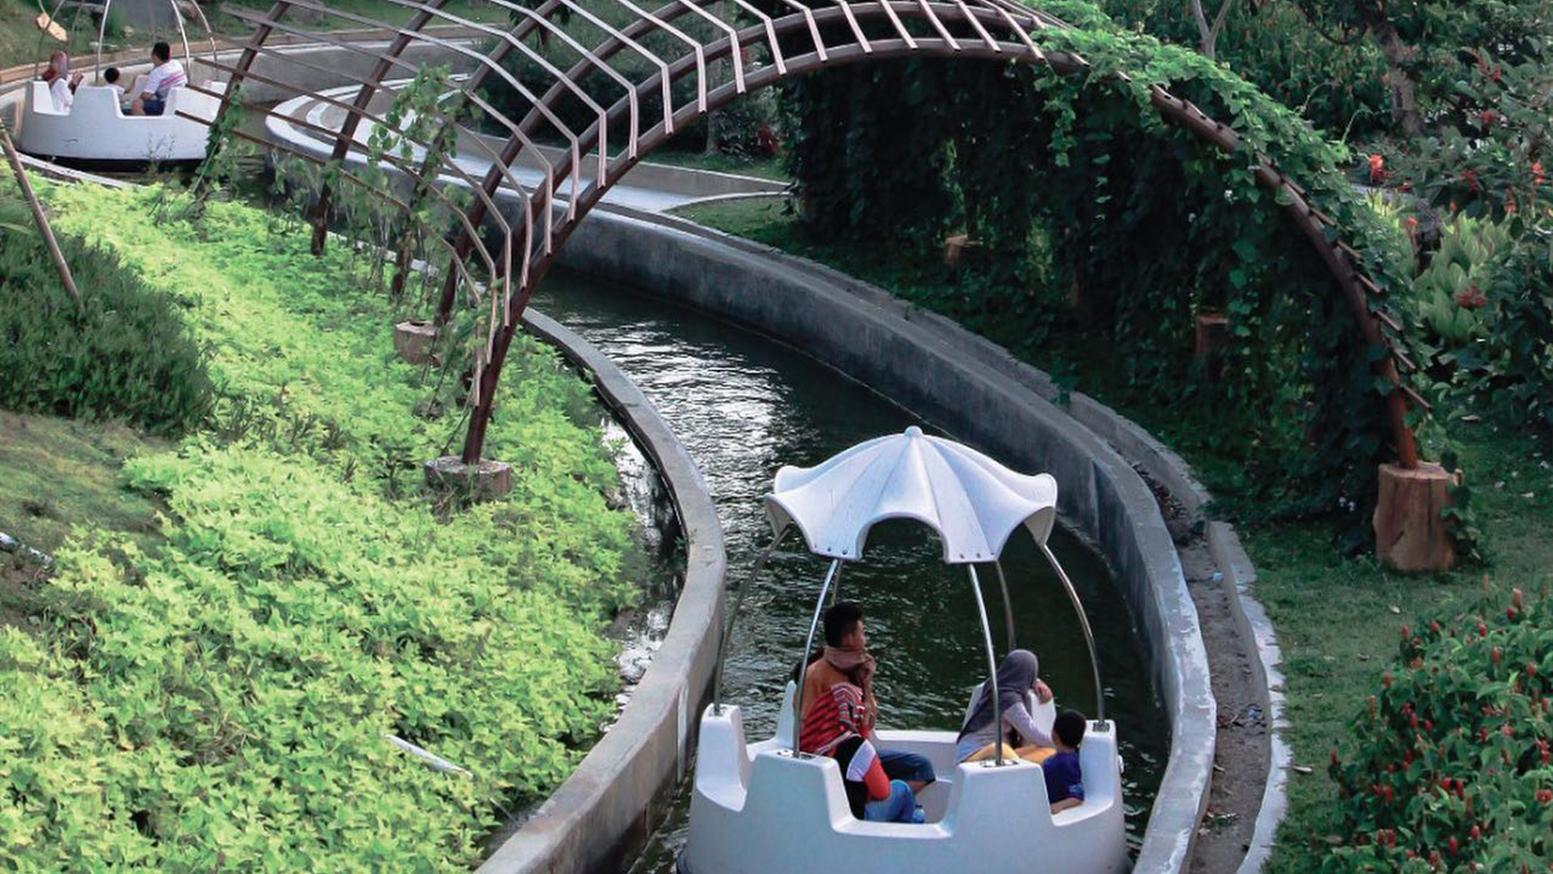 Interlink New Ride : Spin Boat Floating Mushroom at Saloka Parkk